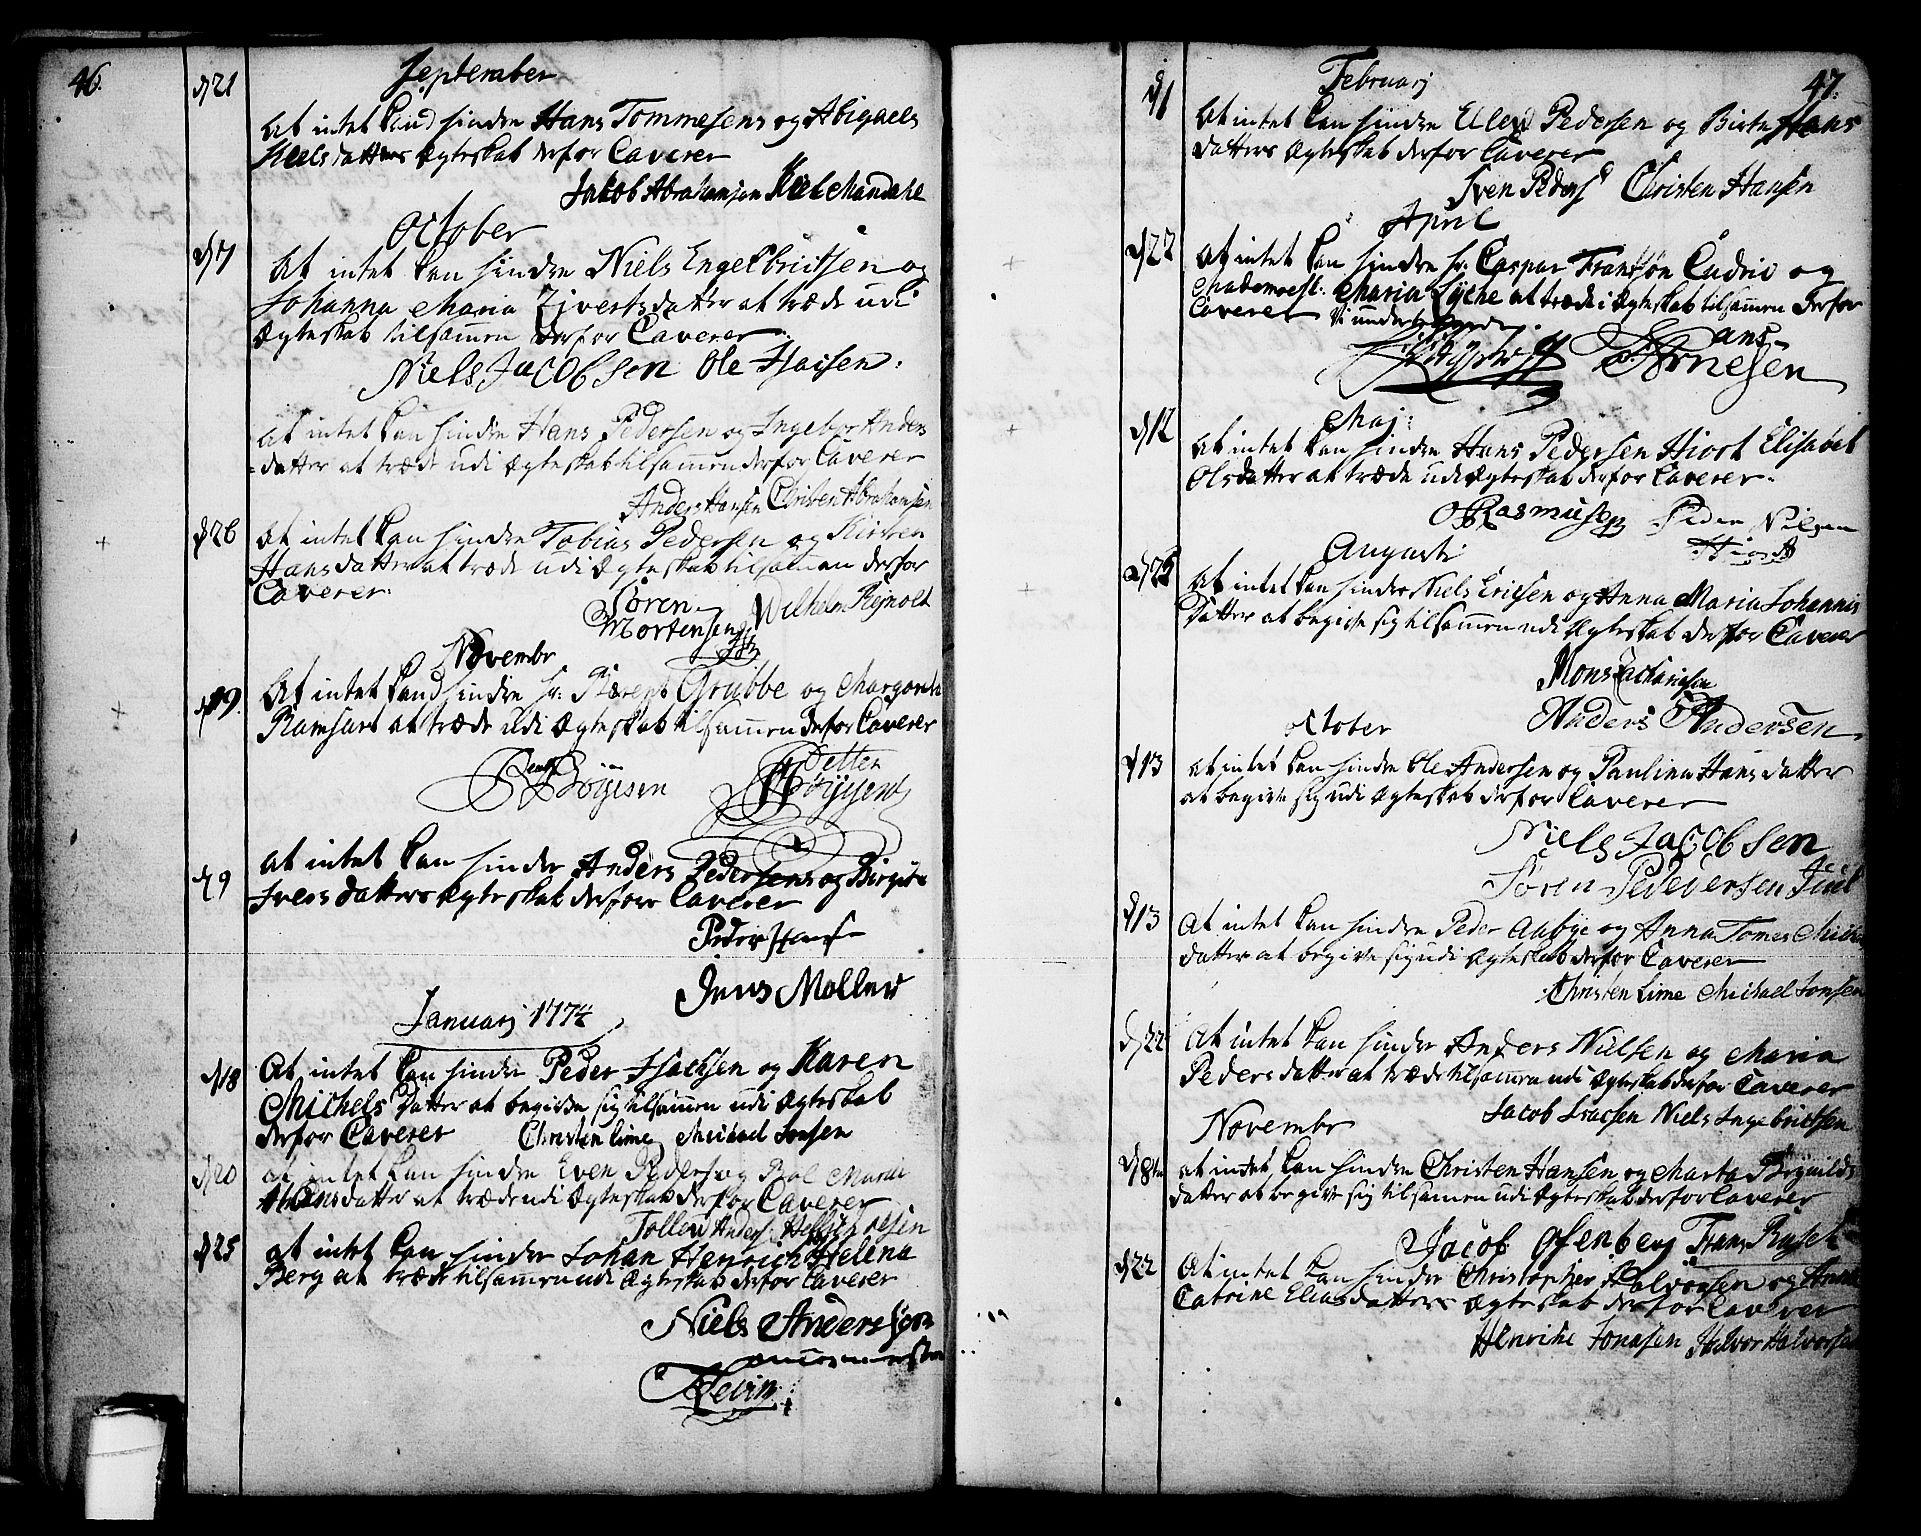 SAKO, Skien kirkebøker, F/Fa/L0003: Ministerialbok nr. 3, 1755-1791, s. 46-47